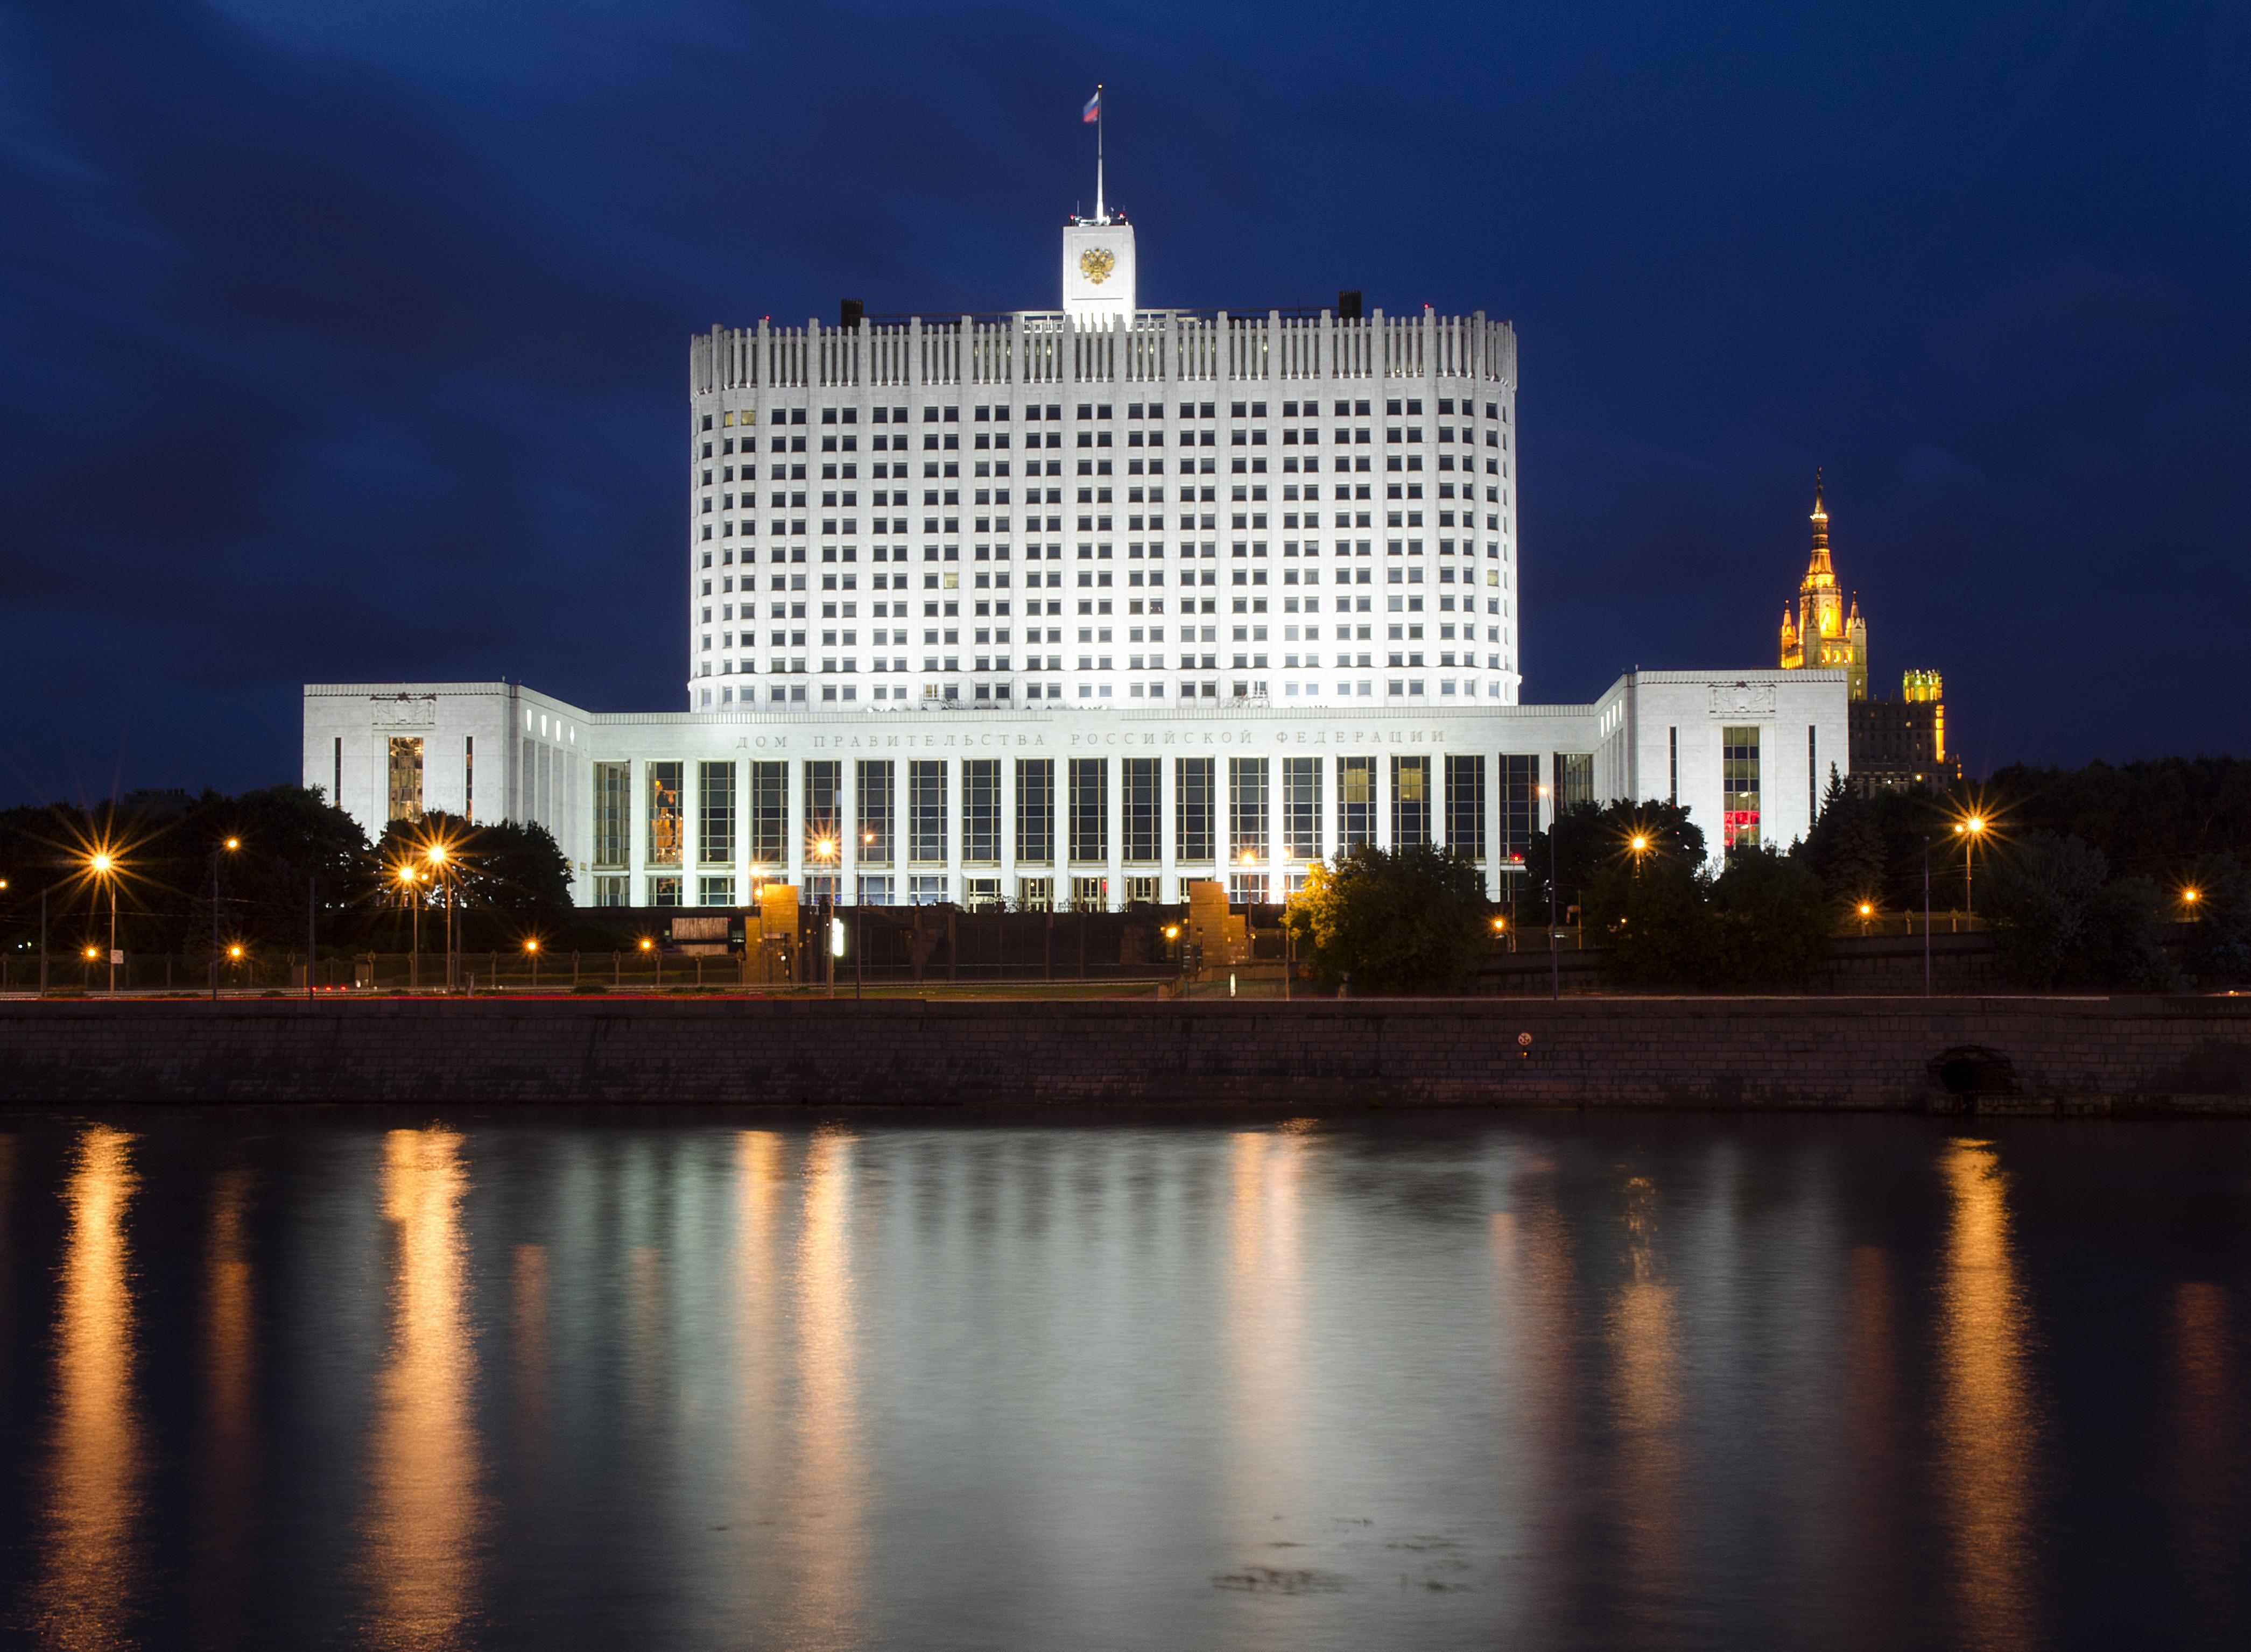 Det Hvide Hus (Rusland)